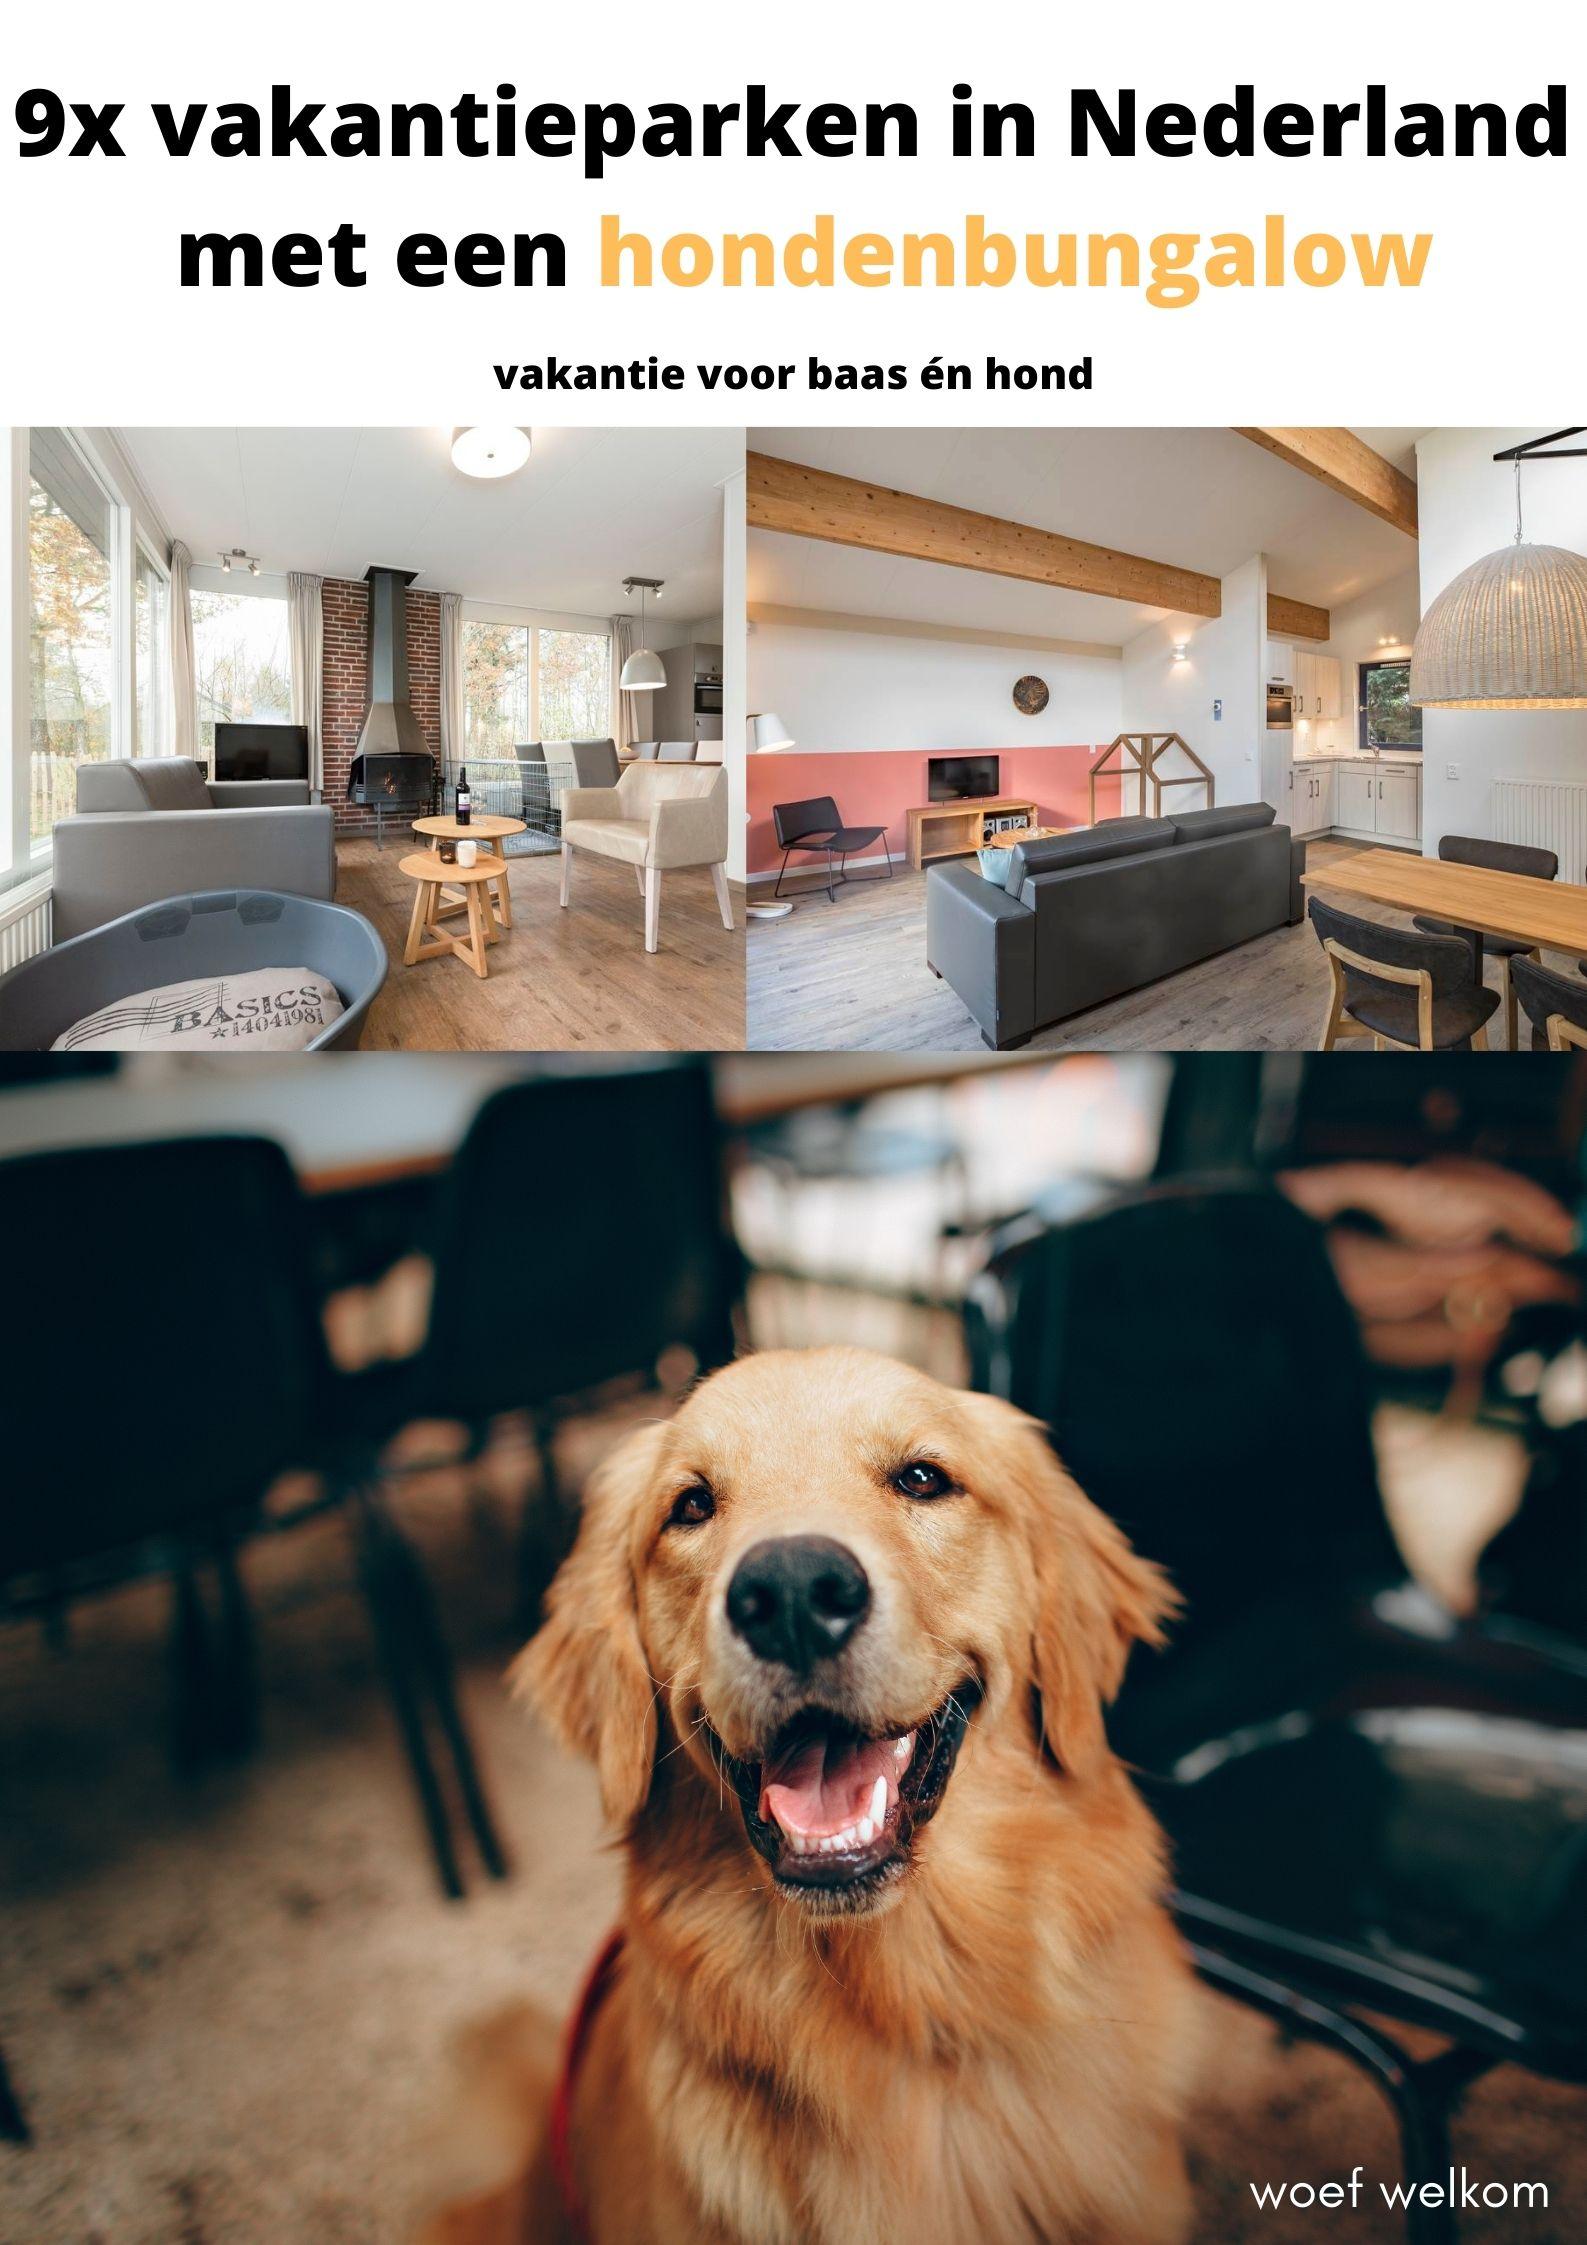 9x vakantieparken in Nederland met een hondenbungalow!